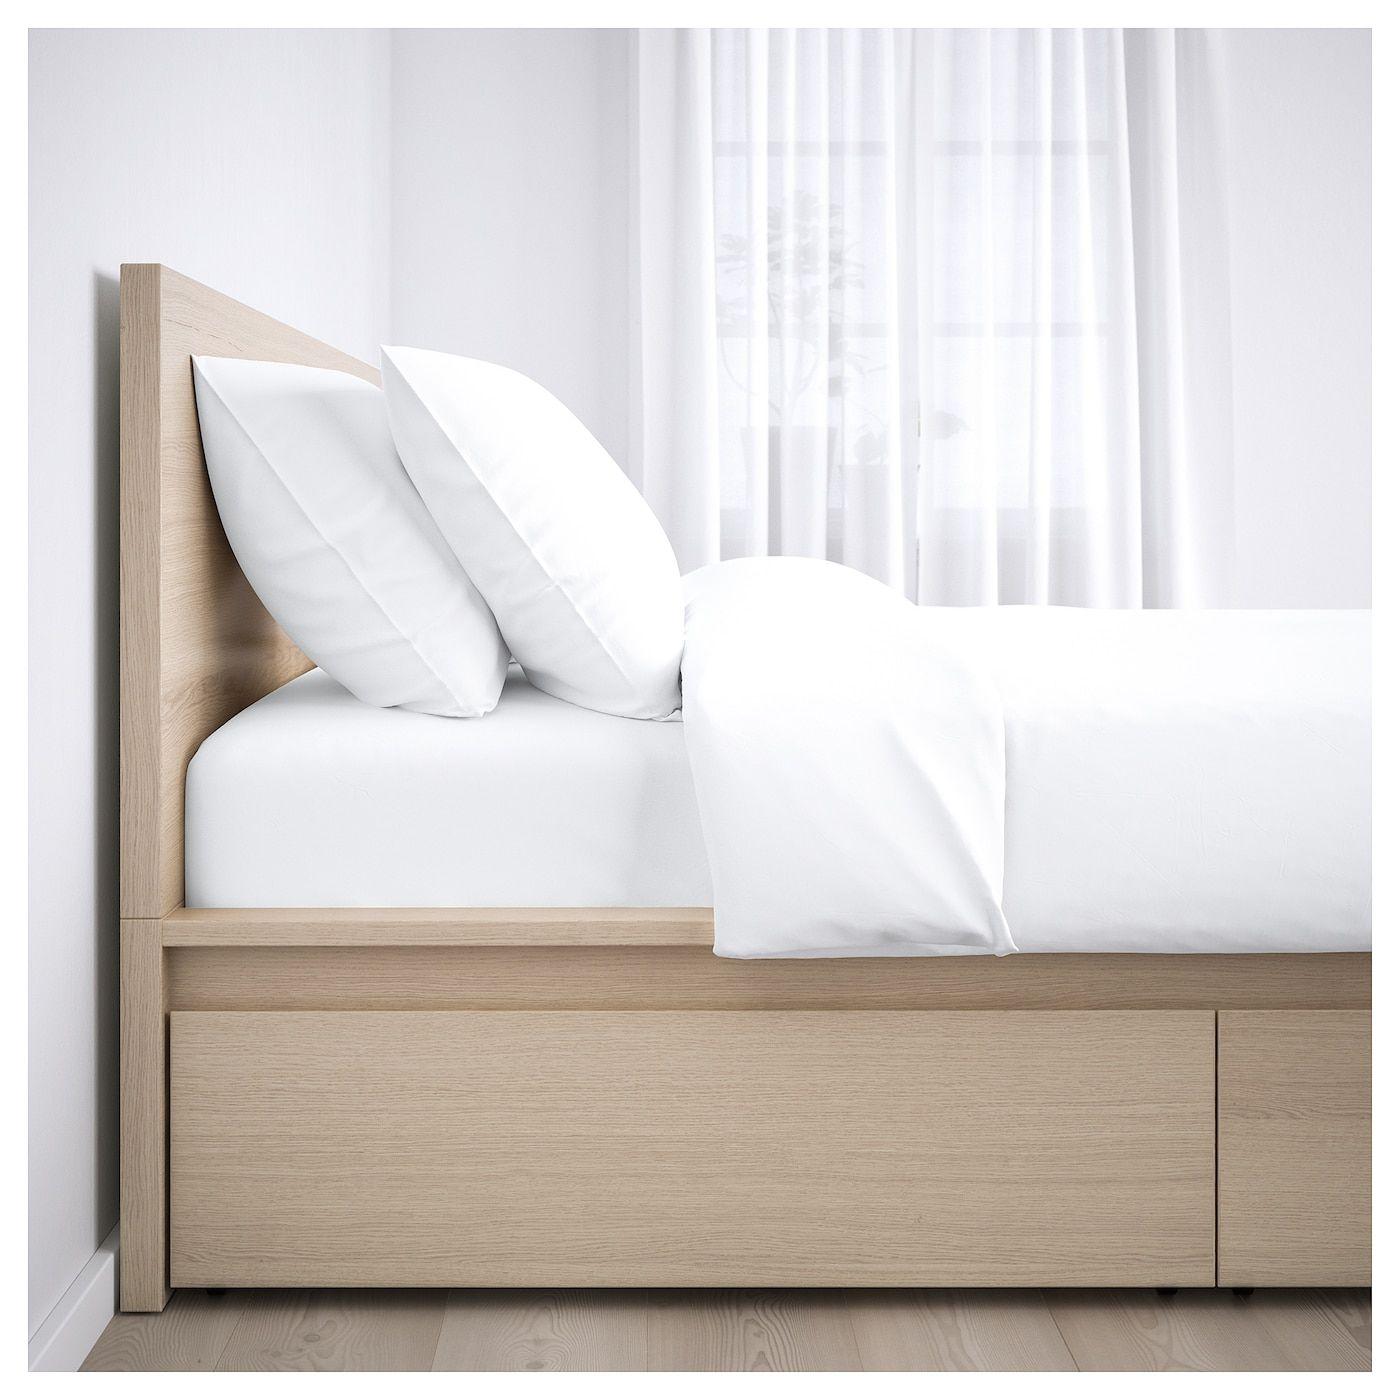 Malm Bettgestell Hoch Mit 4 Schubladen Eichenfurnier Weiss Lasiert Lonset Ikea Osterreich Malm Bed Frame High Bed Frame Malm Bed